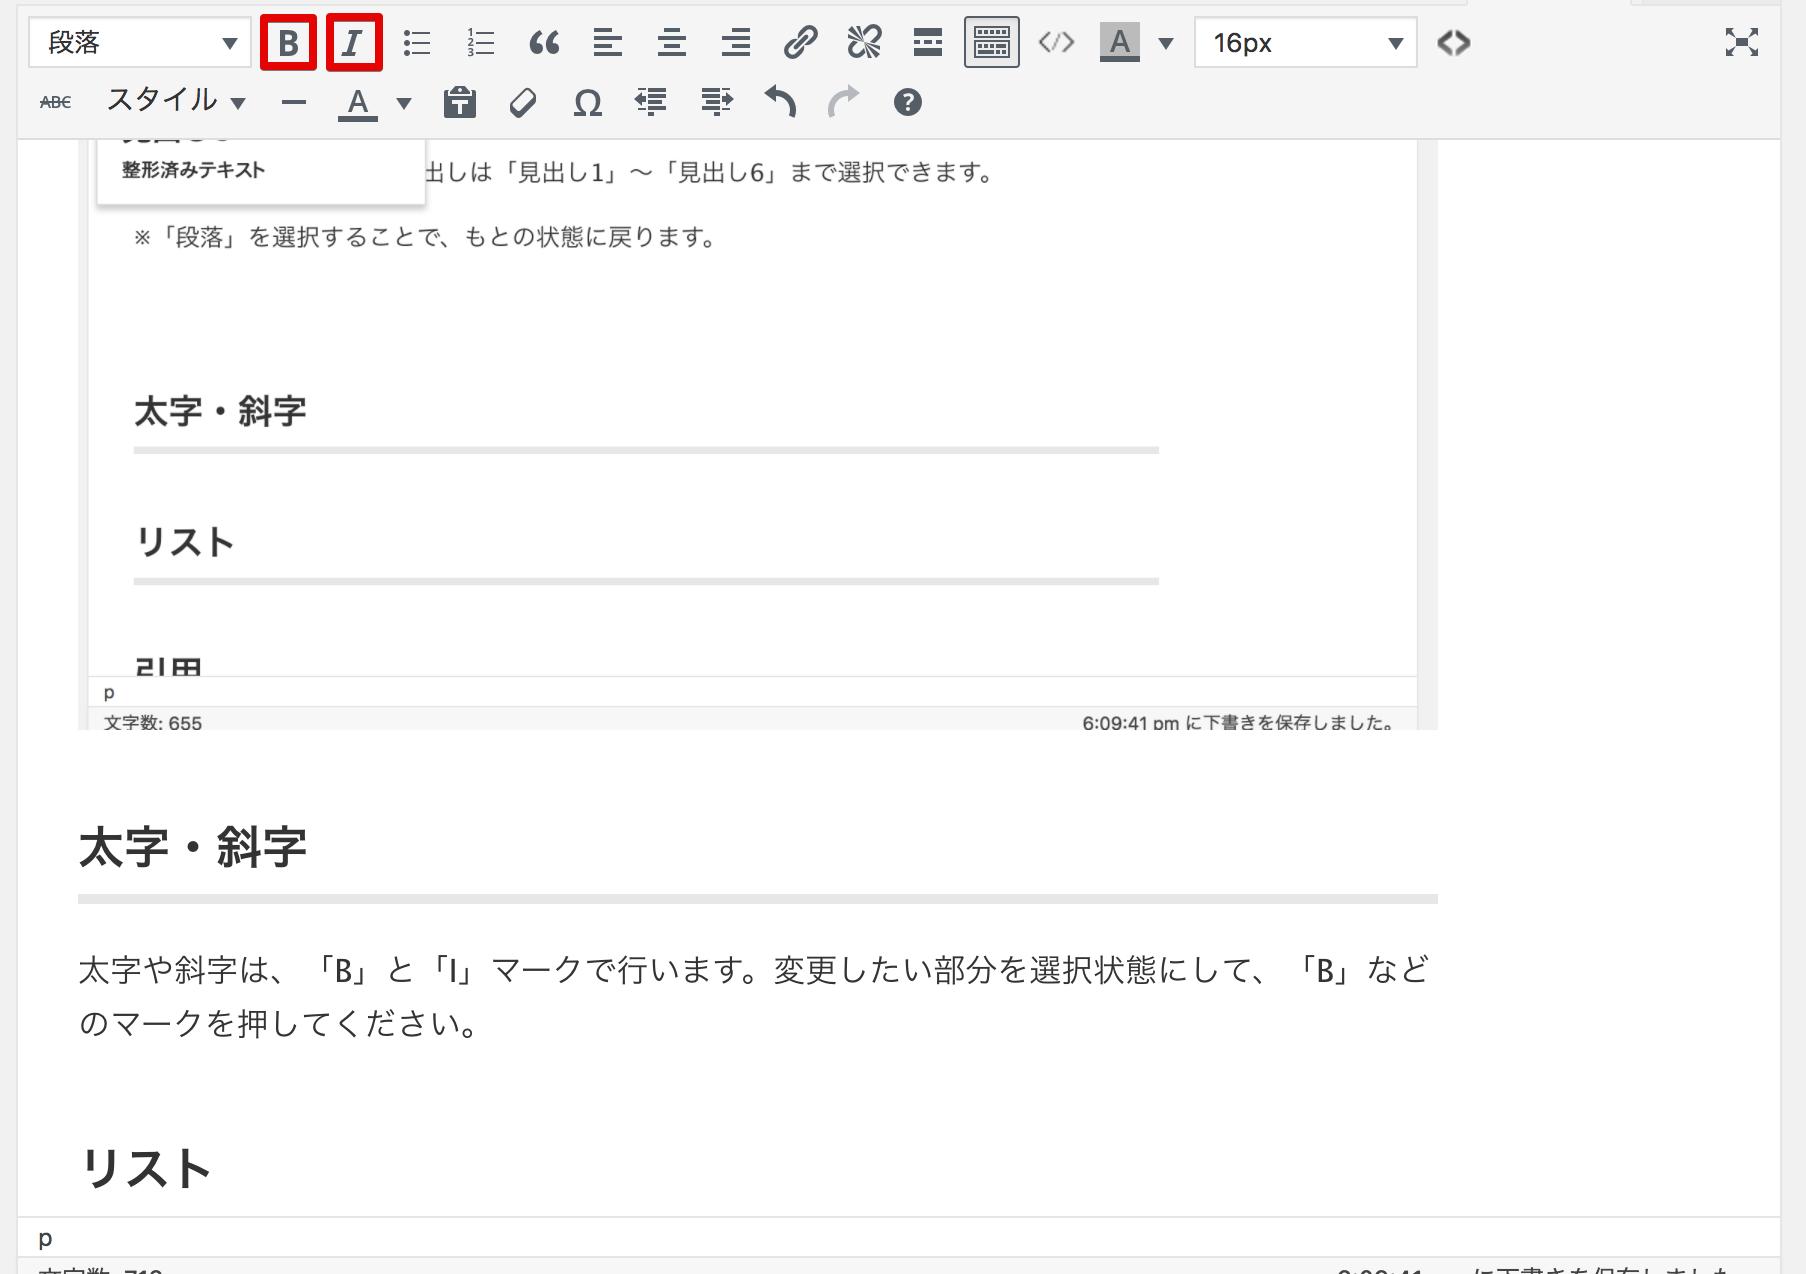 9776f34917f17be1310527a6f705b867 - 初心者向け!WordPressの投稿方法や記事の編集方法を徹底解説